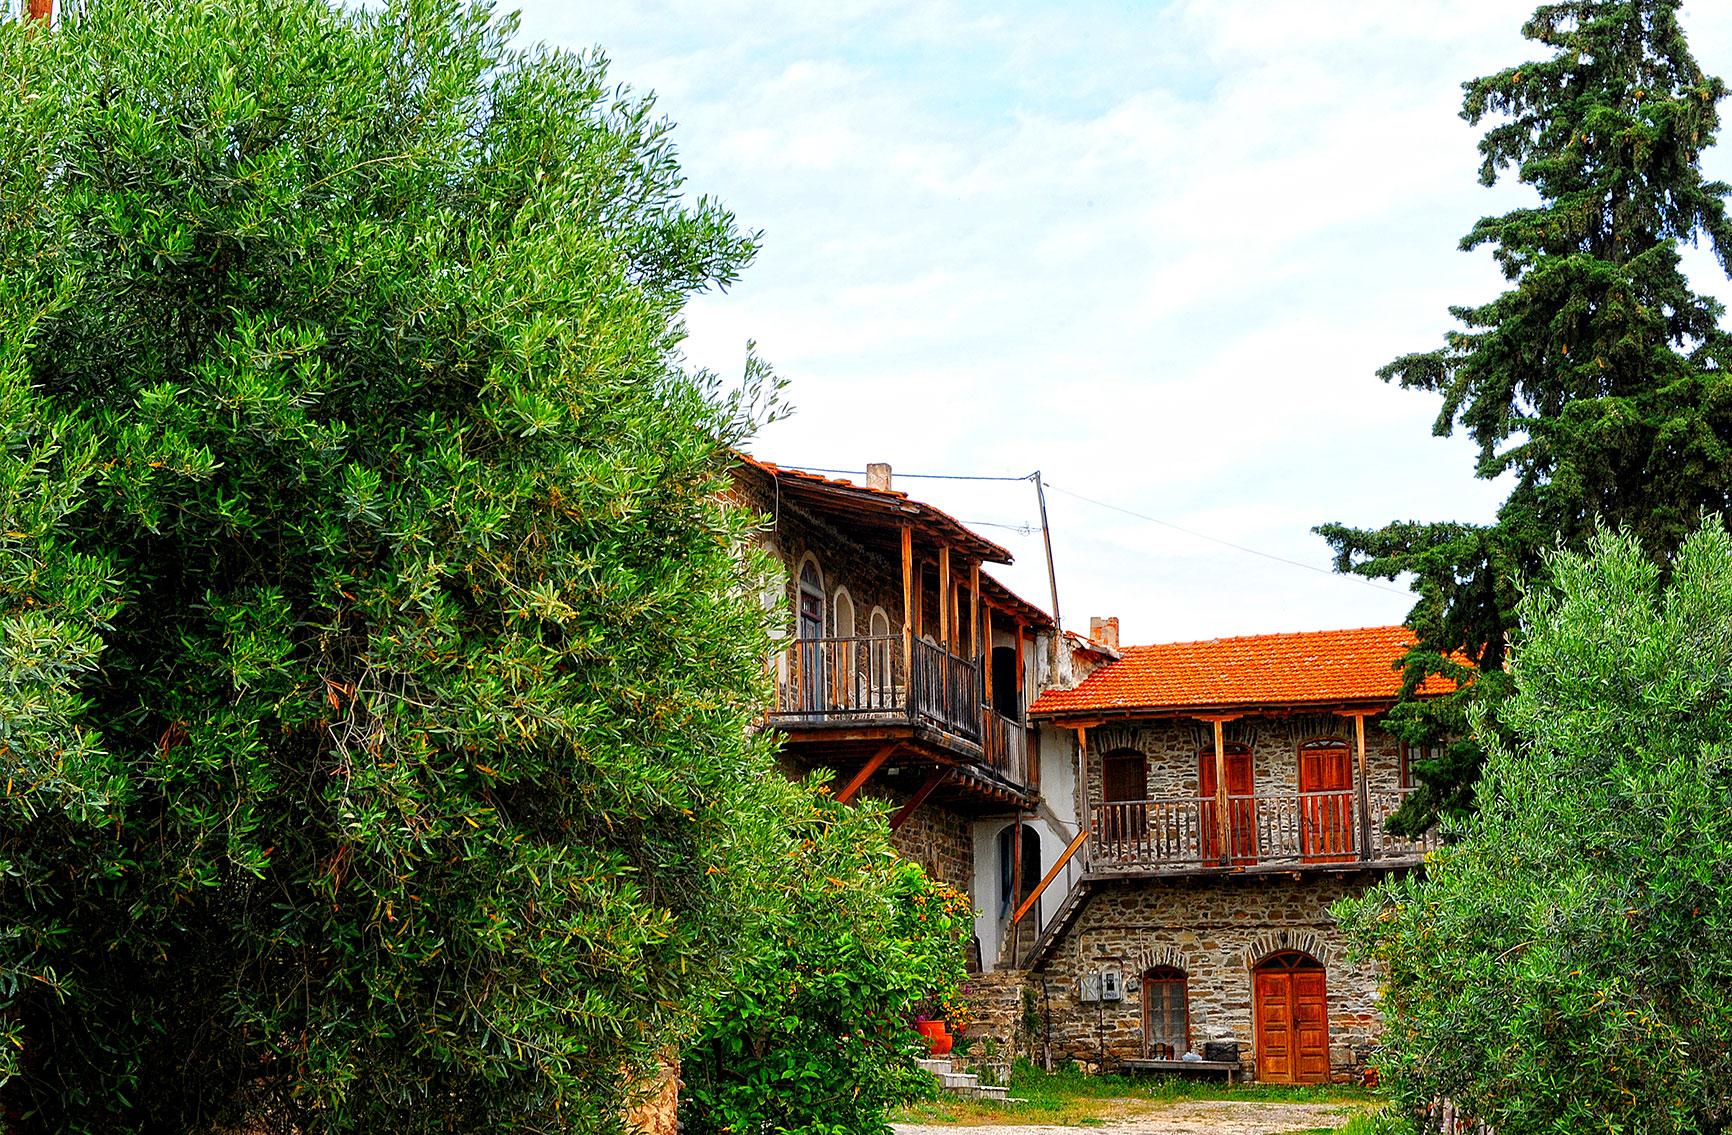 Το μοναστήρι του Αγίου Γρηγορίου